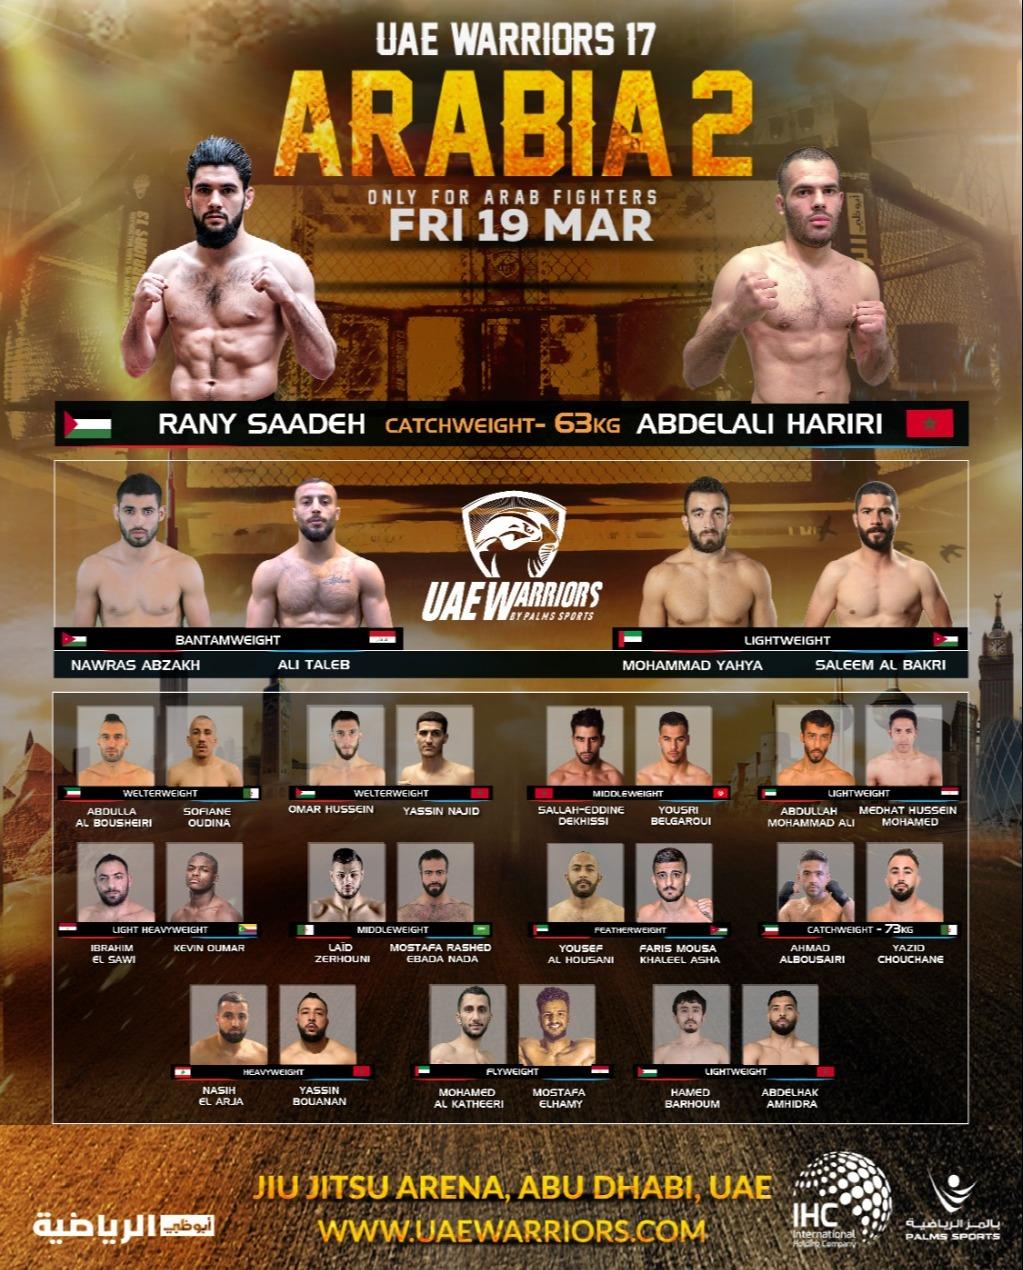 UAE Warriors 17: Arabia 2